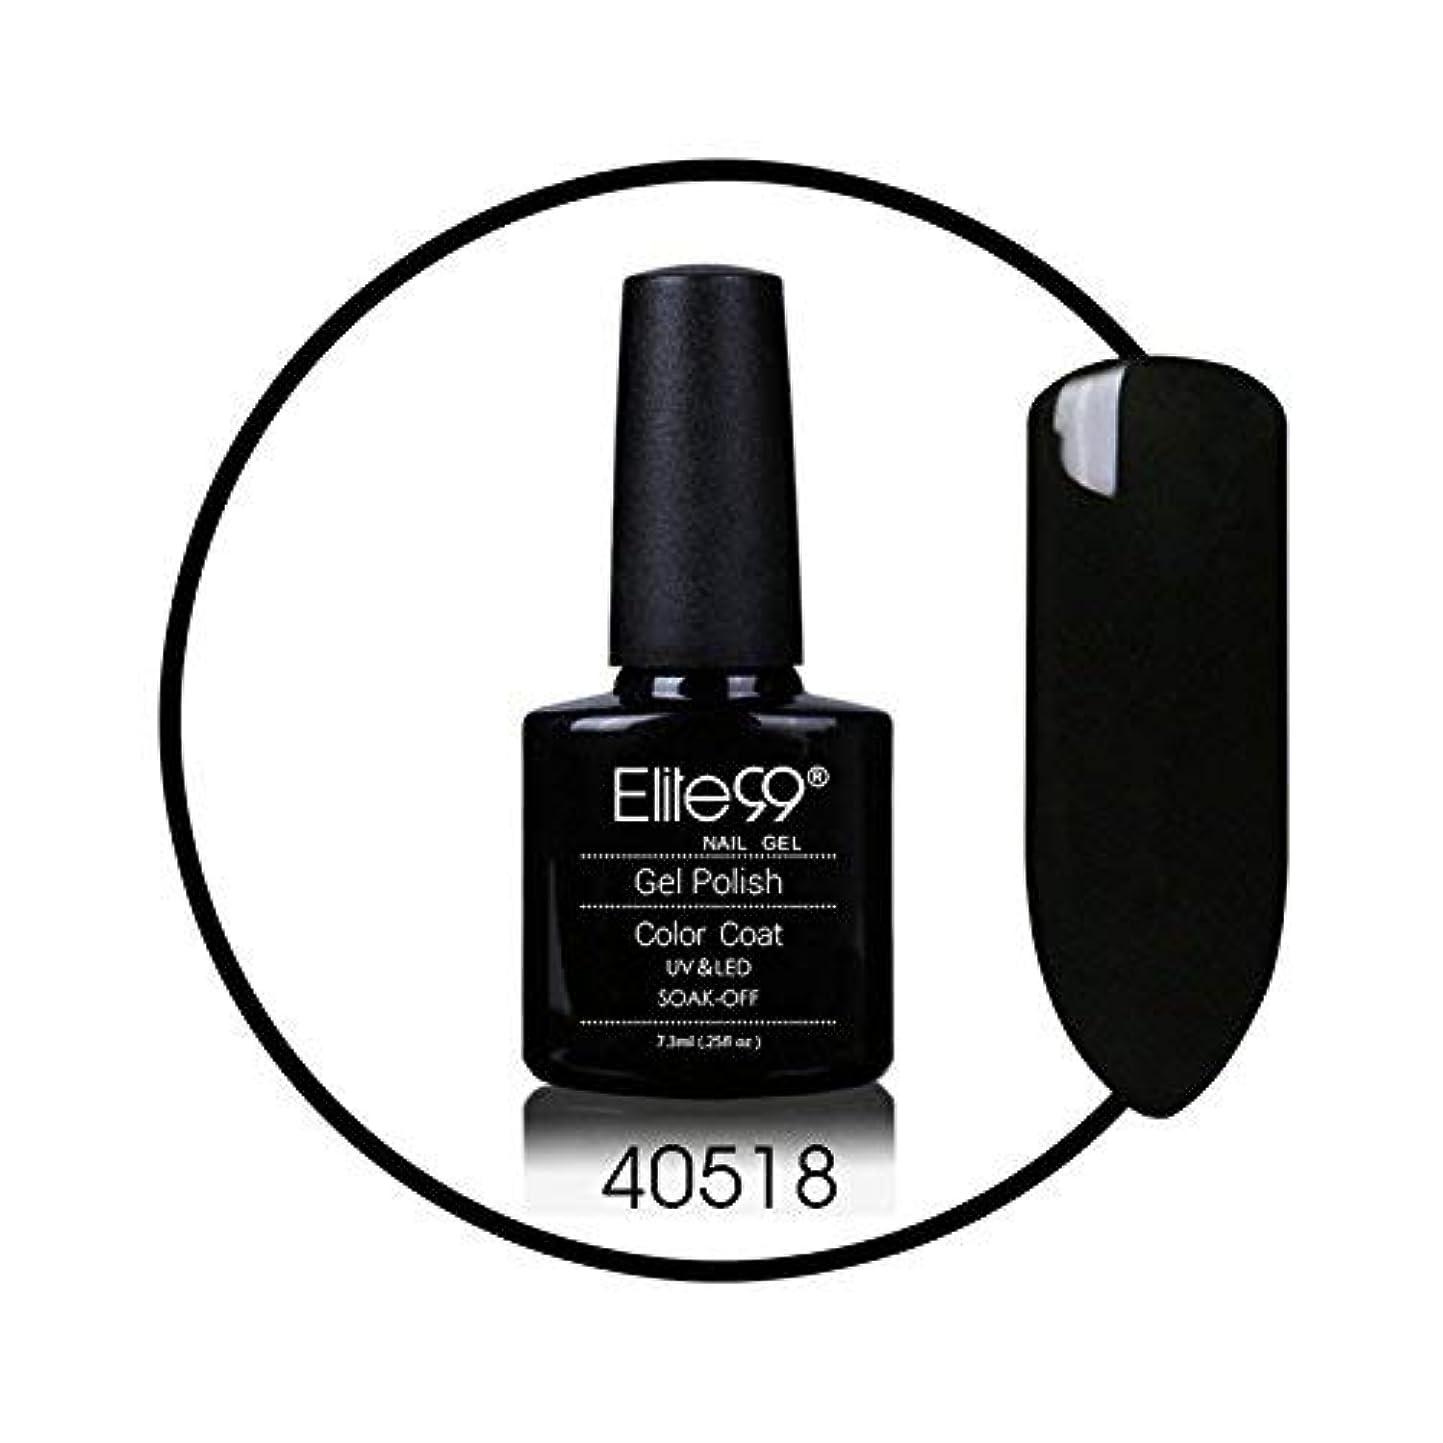 離す細分化する拡散するジェルネイル カラージェル 猫目変色ジェル用のブラックカラーコート 1色入り 7.3ml